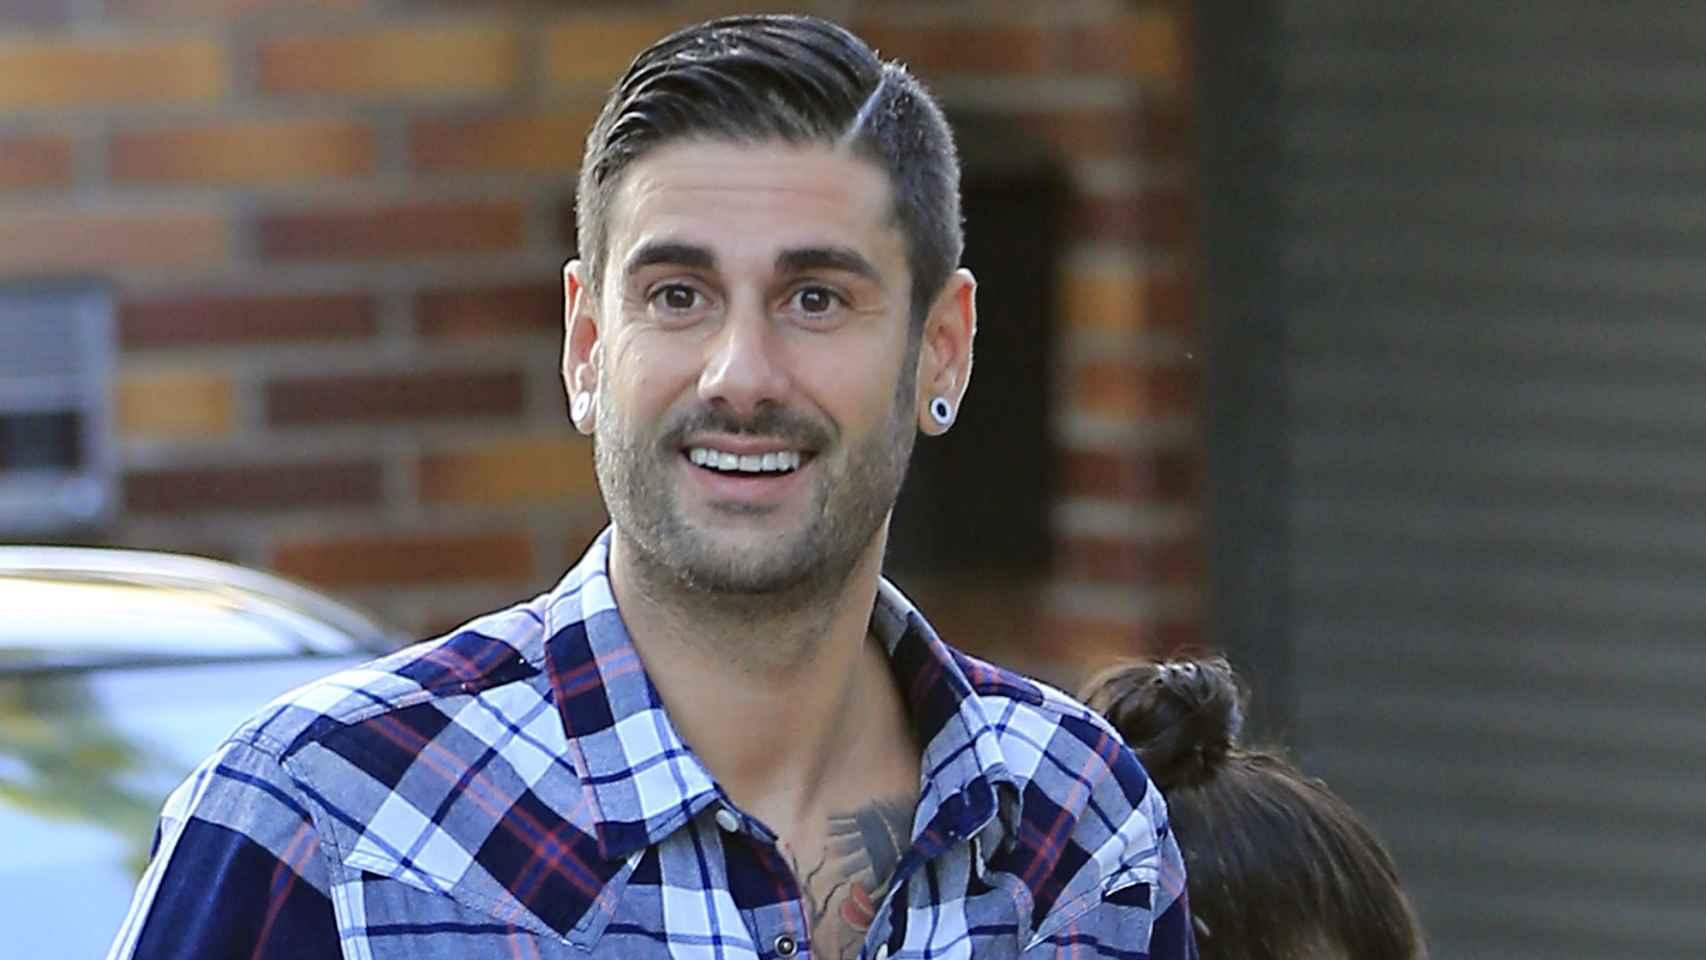 El cantante Melendi en una imagen tomada días antes del enlace.